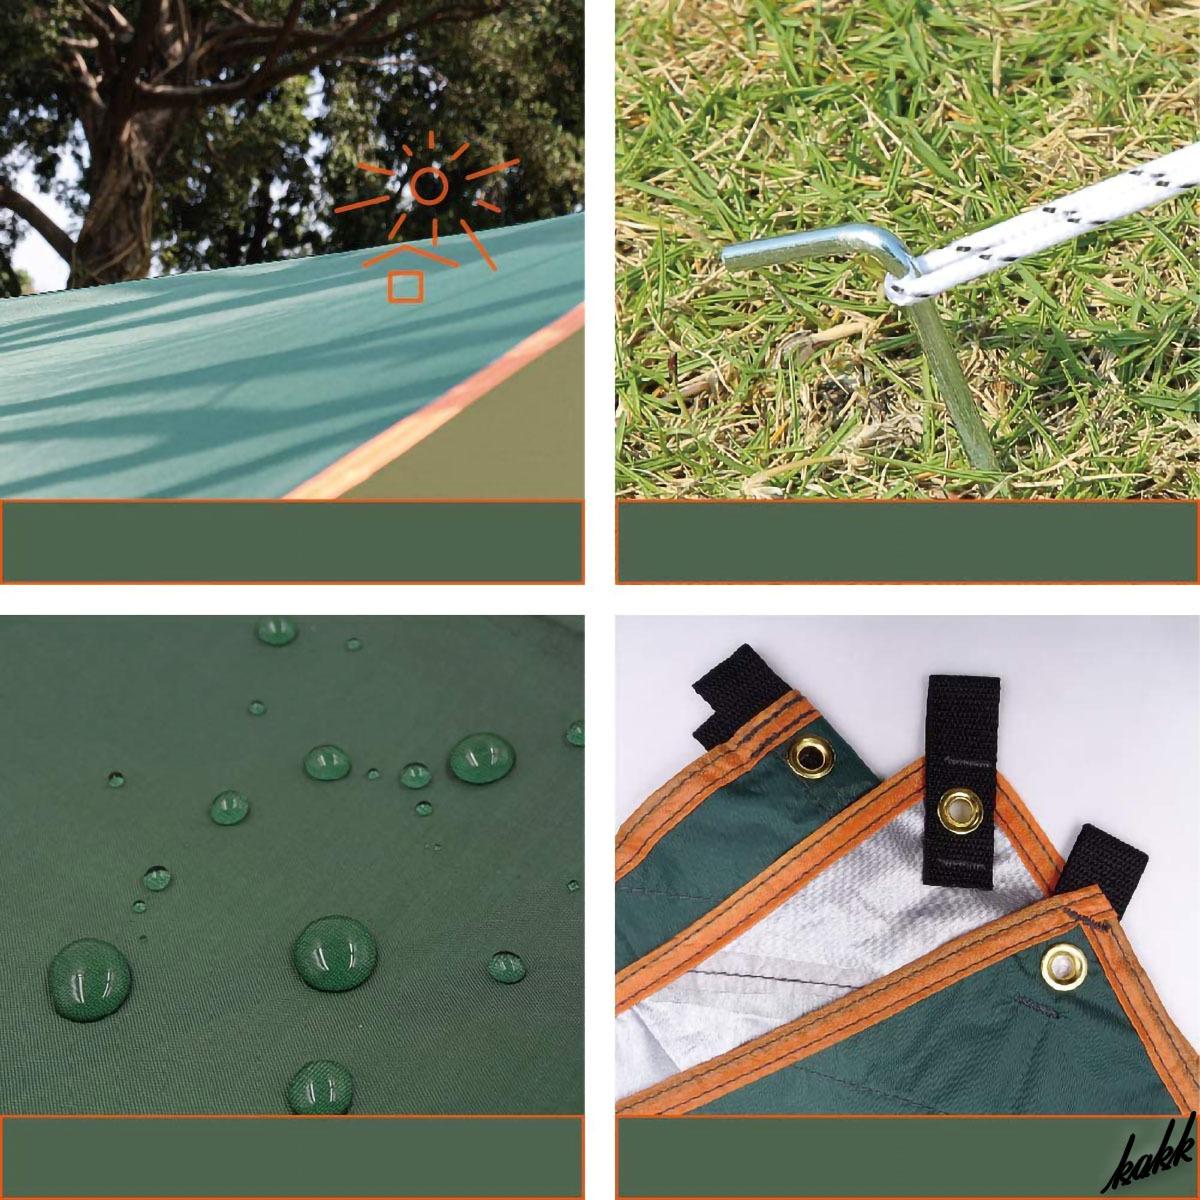 【ツーリング時にも携帯しやすい】 スクエアタープ 300×400cm 3-6人 防水 軽量 遮熱 キャンプ BBQ アウトドア ツーリング グリーン